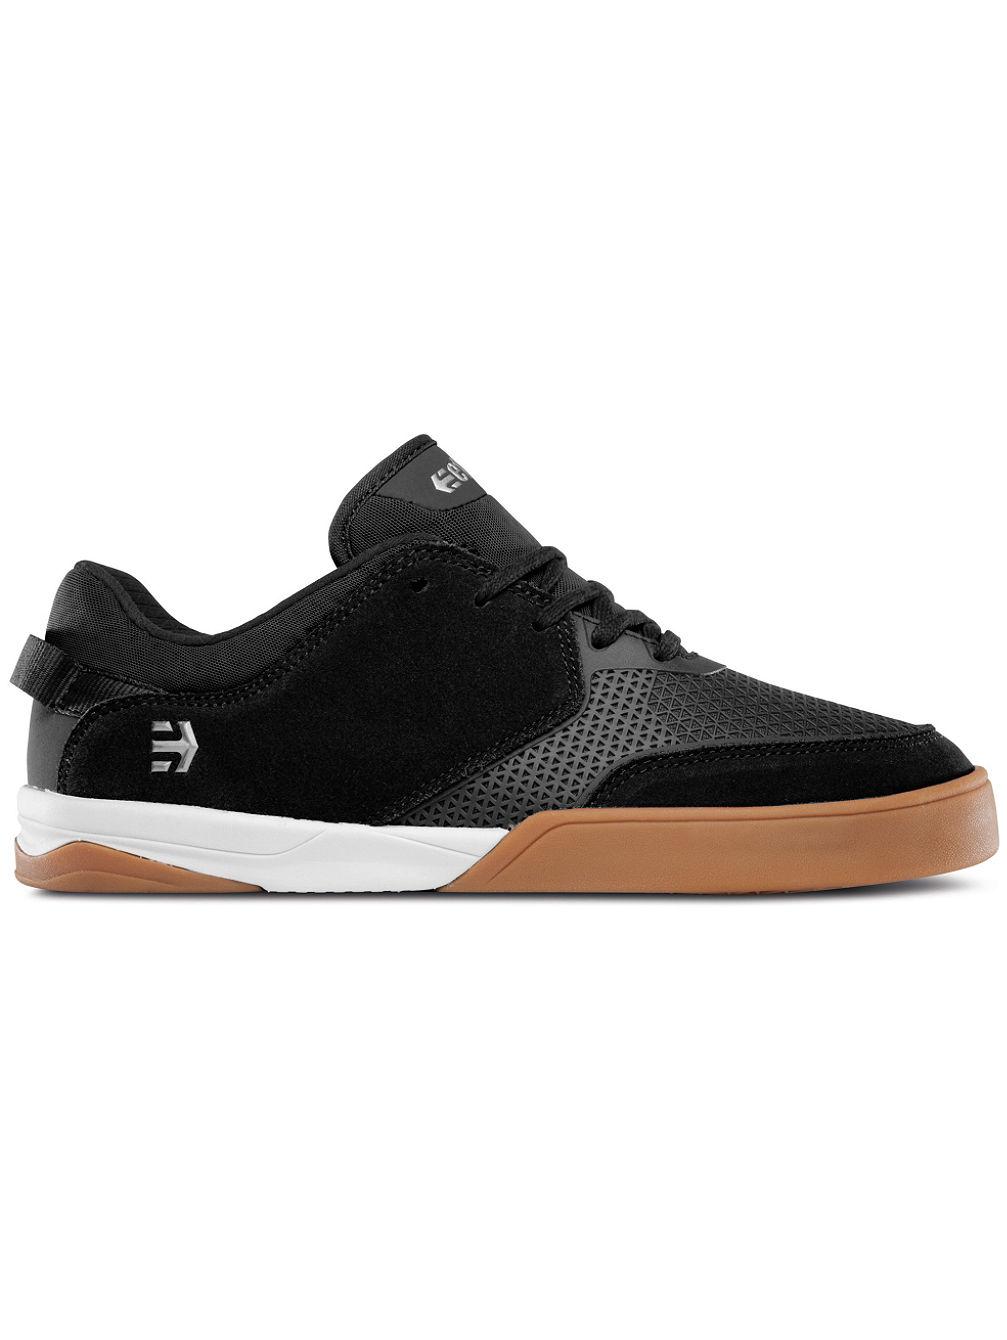 achetez etnies helix chaussures de skate en ligne sur blue. Black Bedroom Furniture Sets. Home Design Ideas